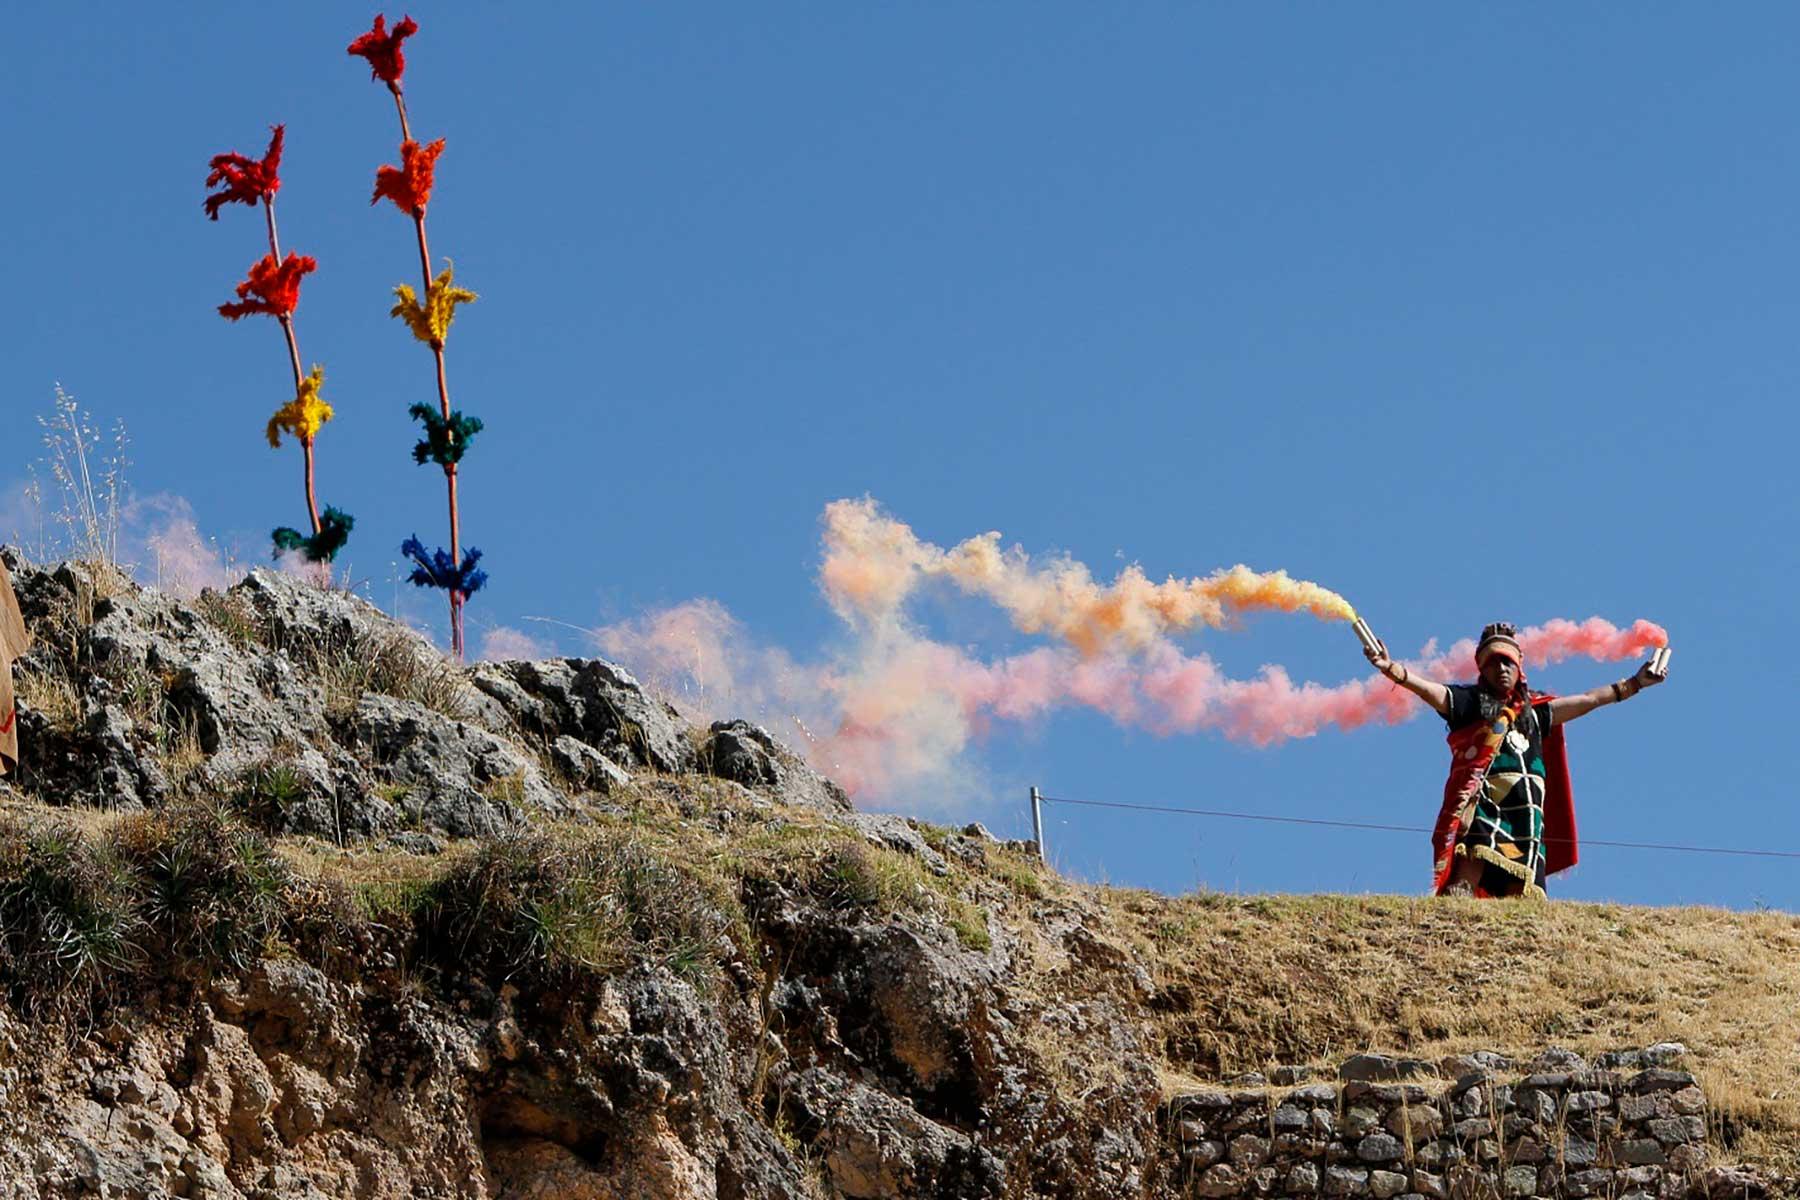 El Inti Raymi espera contar con un sello verde en el 2020, por lo que este año se han fortalecido las prácticas sostenibles en armonía con el medio ambiente.